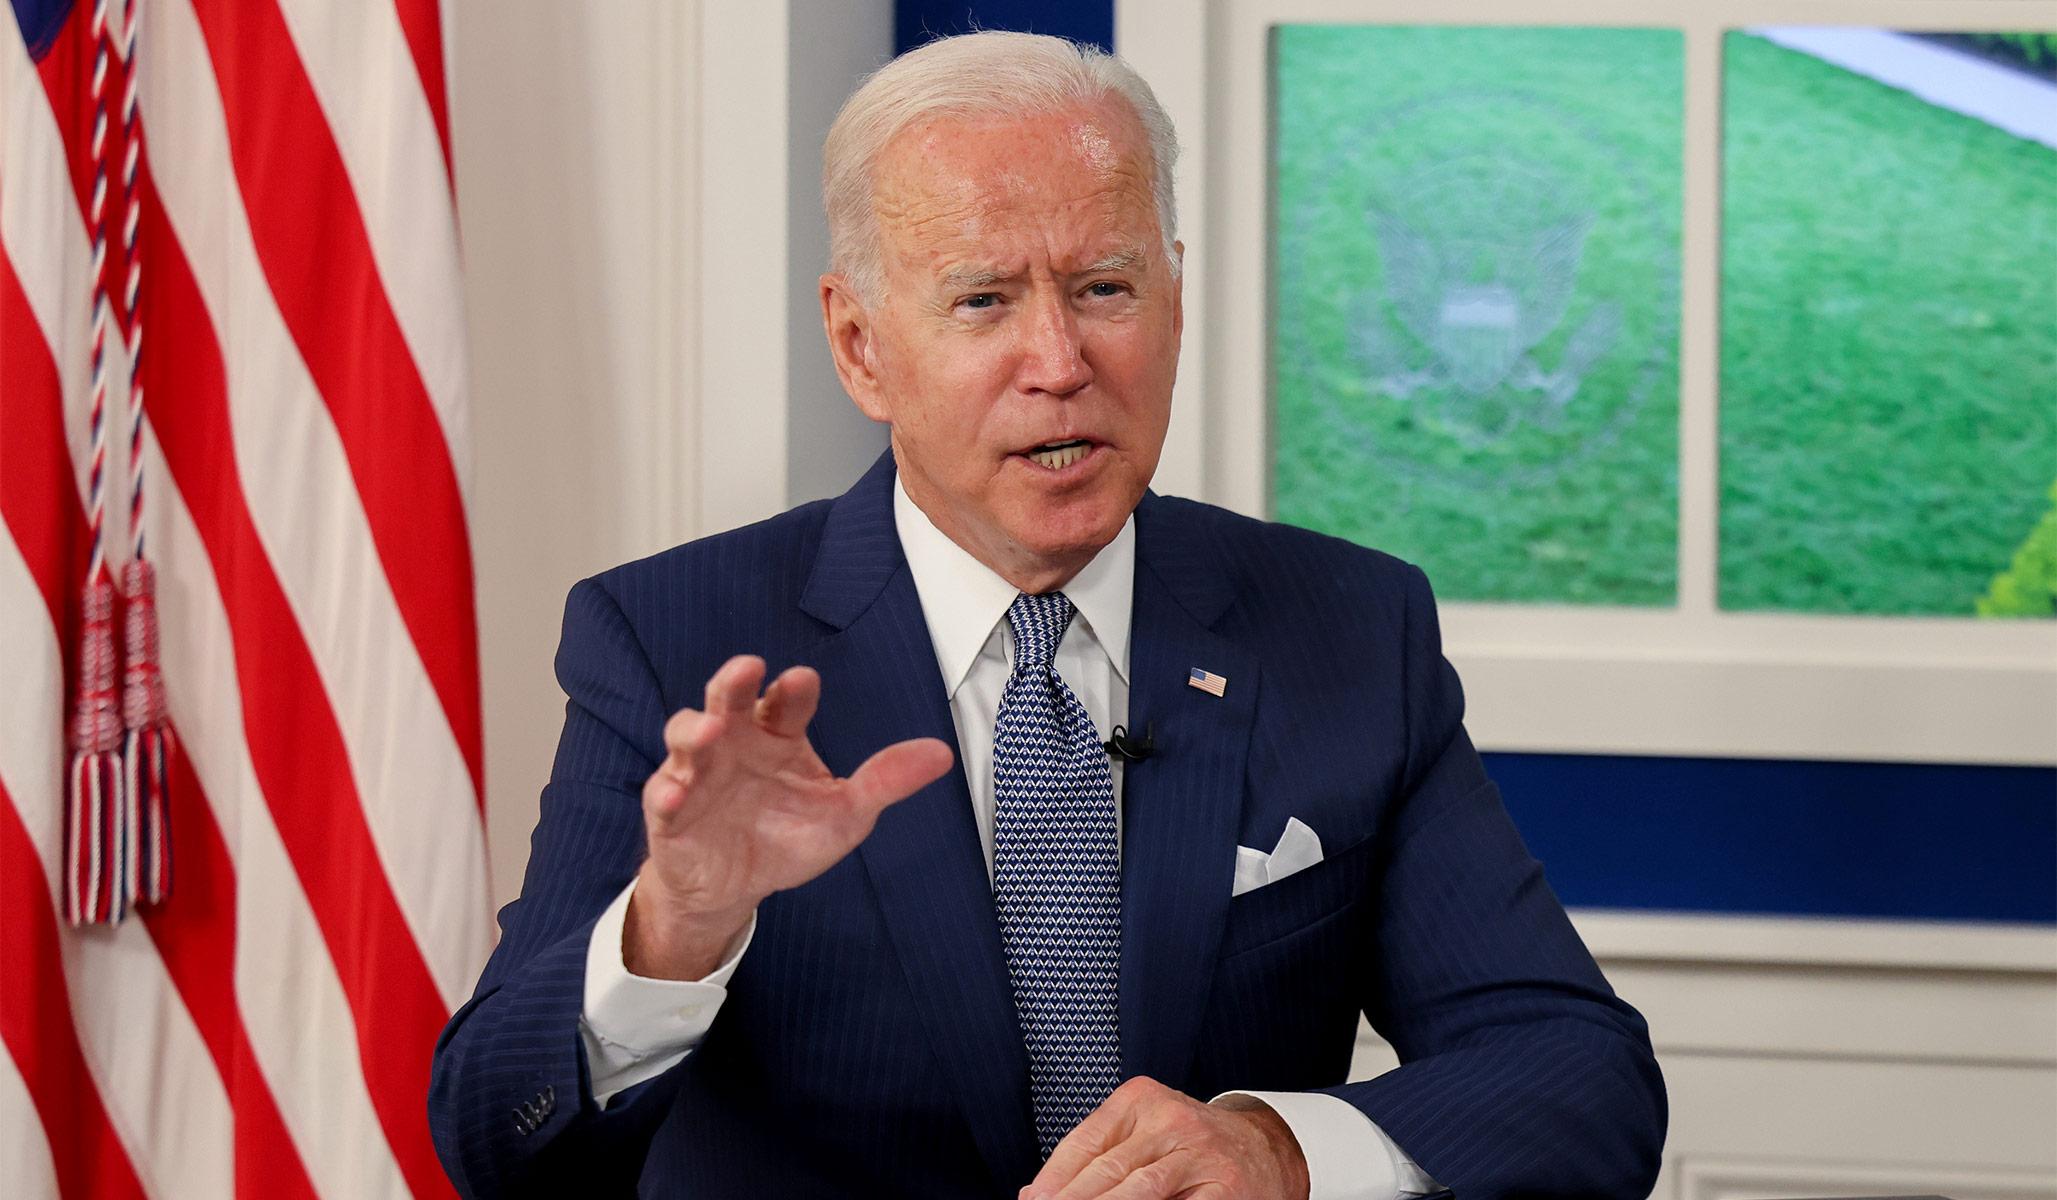 Krisis Perbatasan Joe Biden Mengancam Bangsa, Bukan Hanya Keamanan Nasional